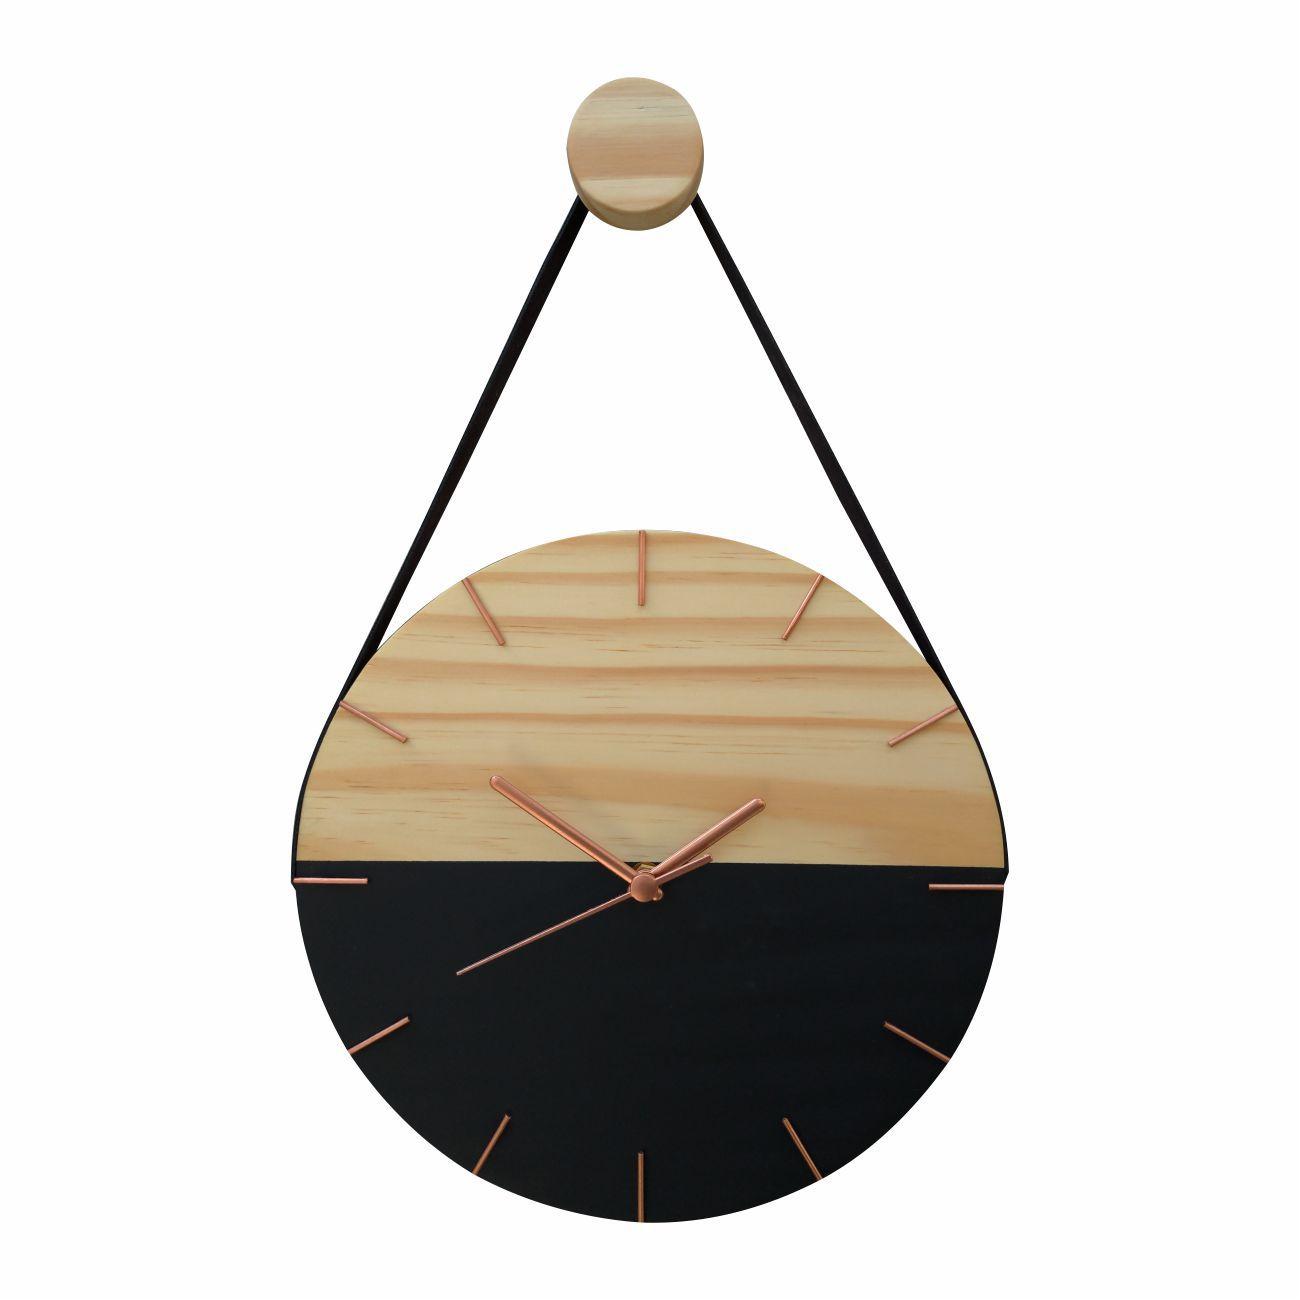 Relógio Minimalista de Madeira Preto e Rosê com Alça